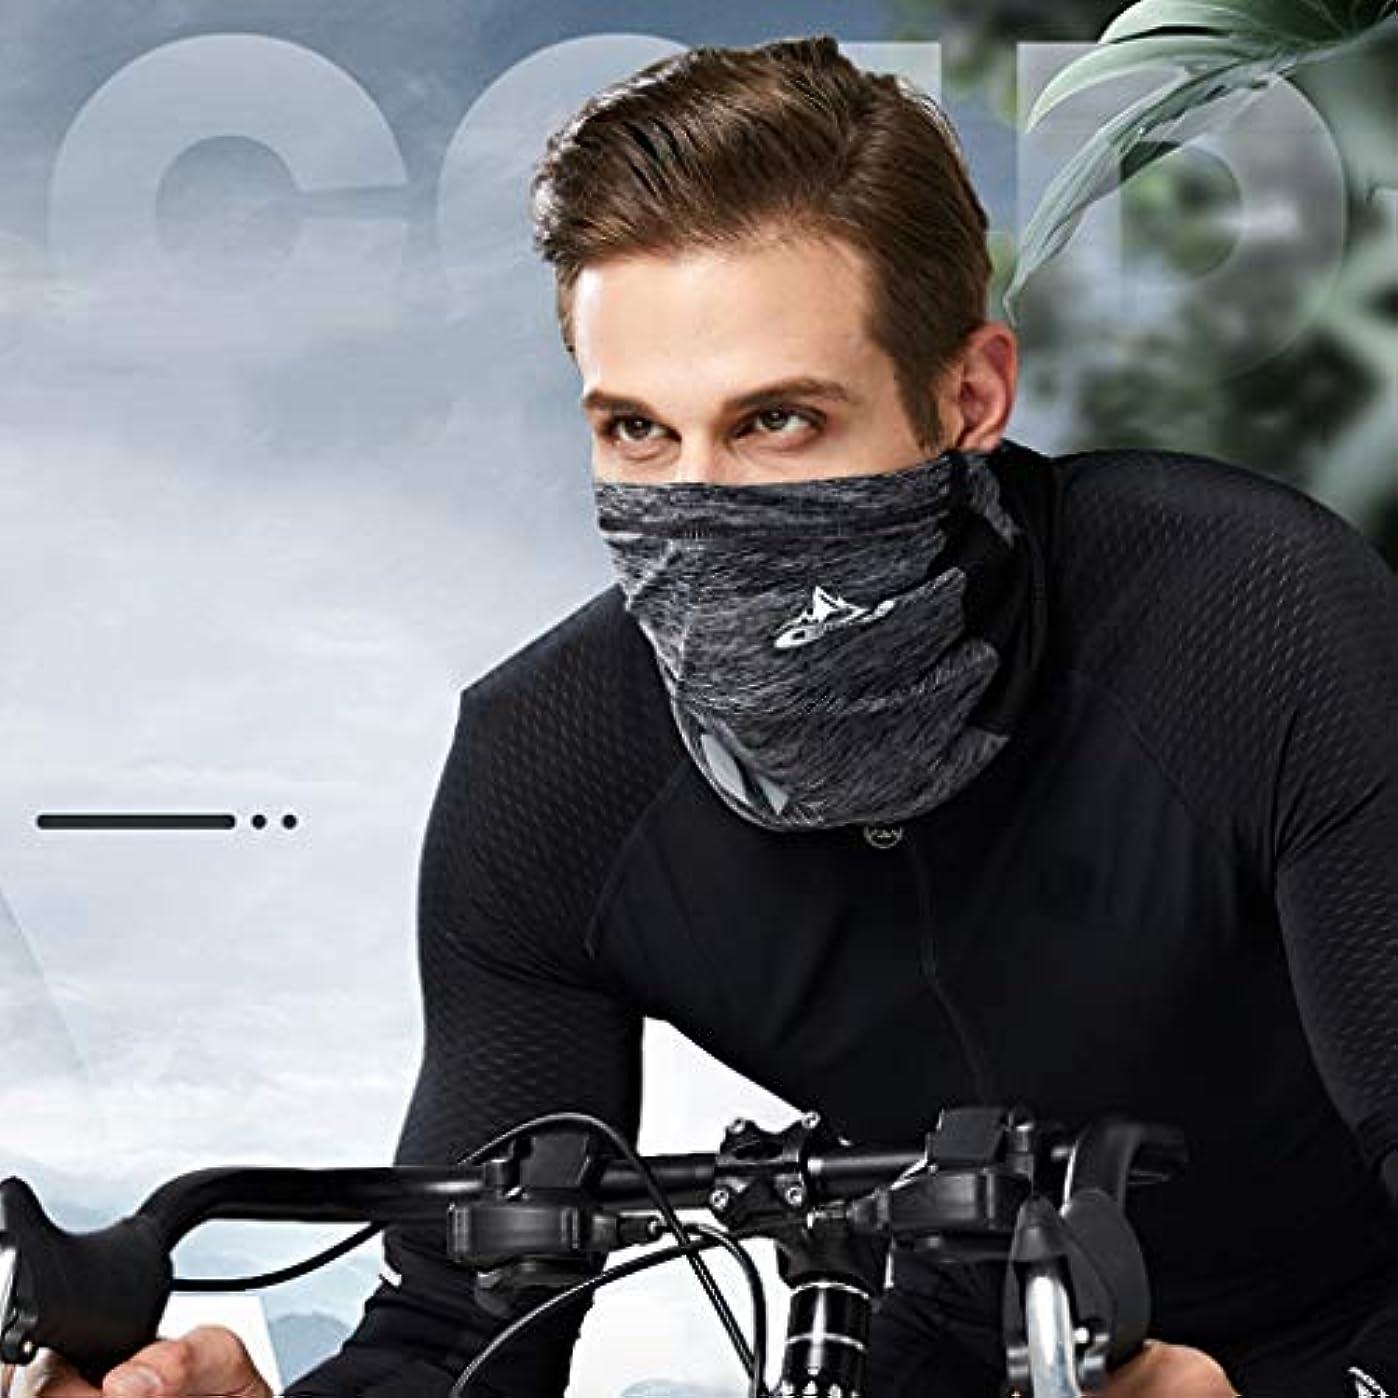 フライト彼女自身蜂オートバイのネックマスク、ユニセックスアウトドアバンダナフェイススポーツフェイスシールドスリーブネックゲーター防塵防風サンプロテクションマスク (Color : Gray)